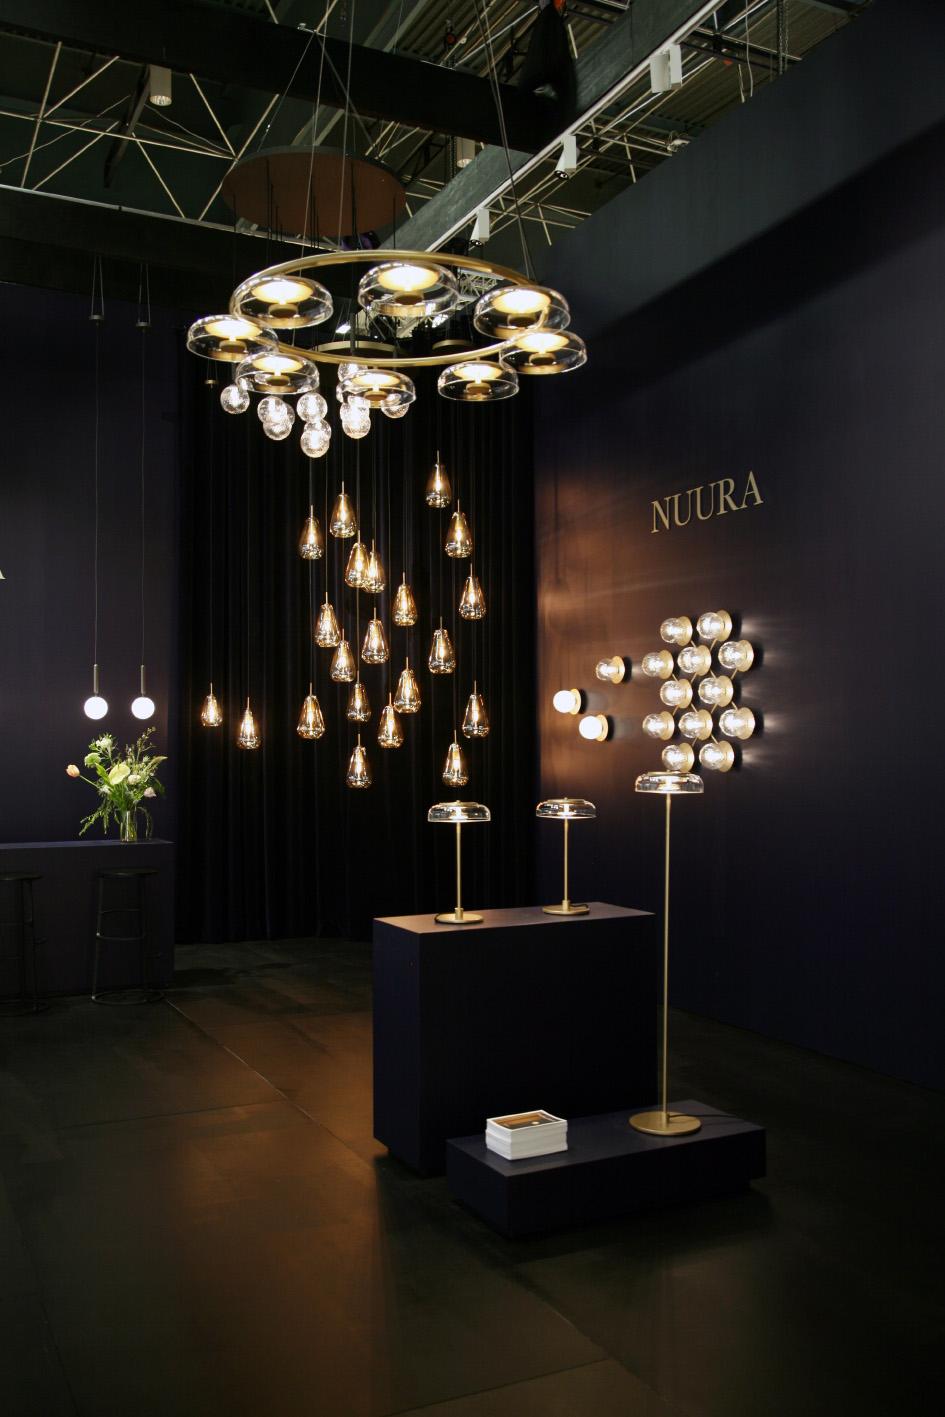 Har nog hittat några nya lampor att skriva upp på önskelistan! Ni måste kika in mer hos danska  Nuura.